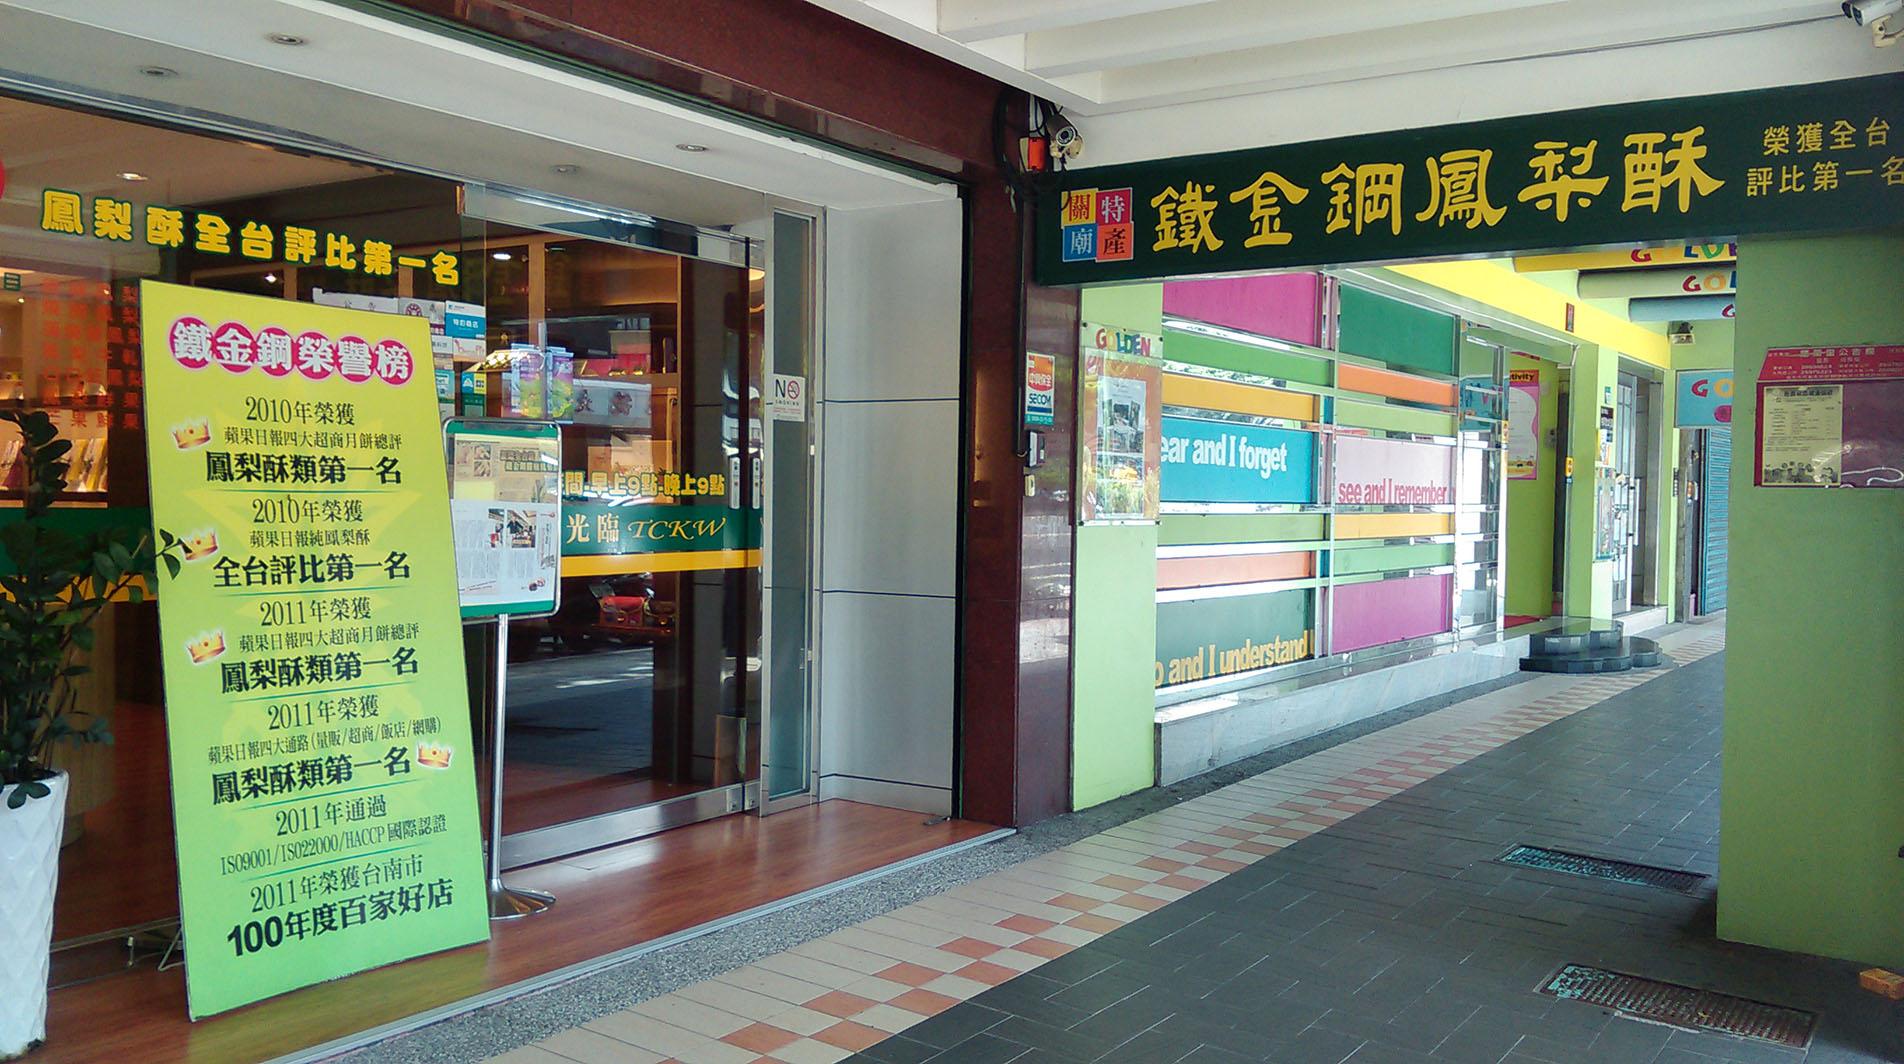 9.「鐵金鋼」の台北支店。